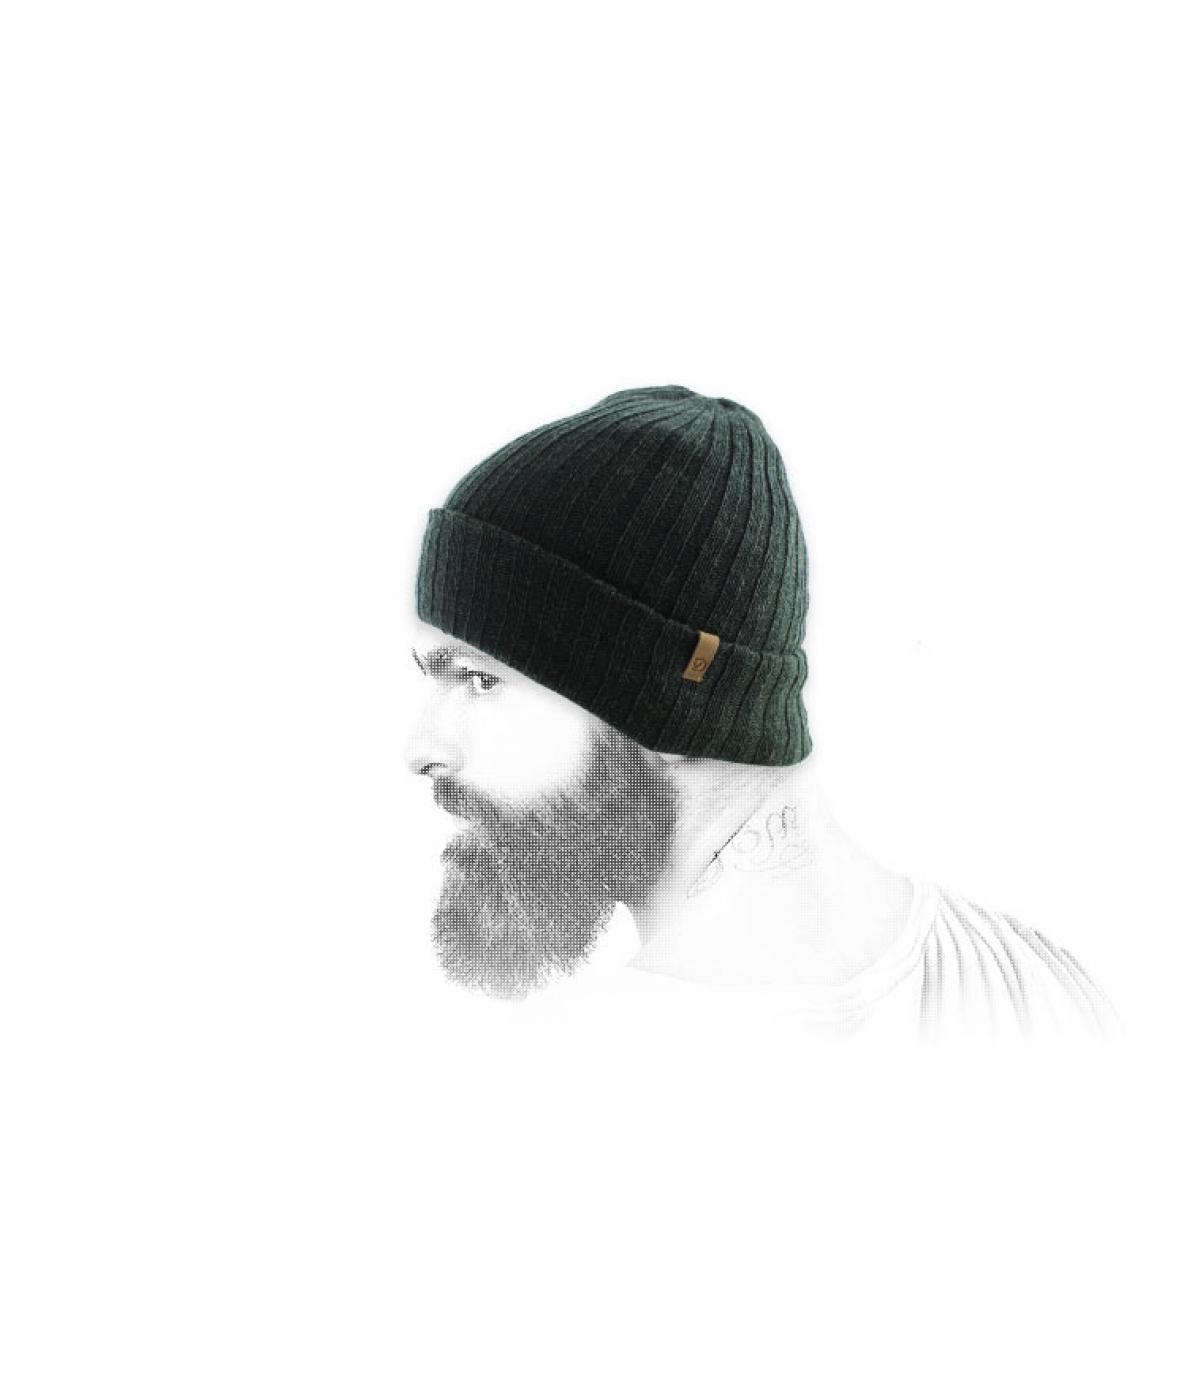 bonnet revers vert foncé